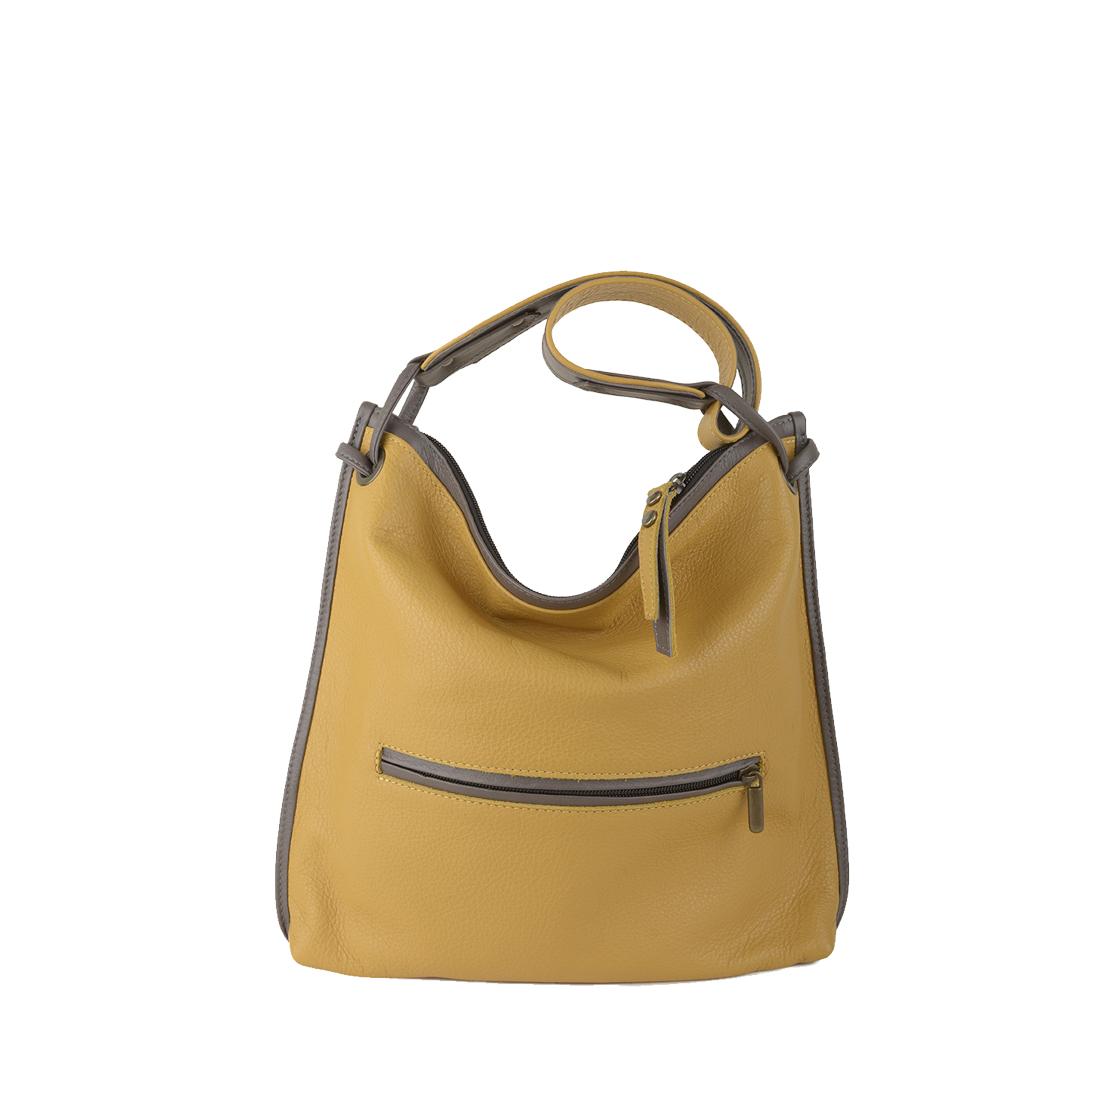 Maria Mustard Grigio Leather Shoulder Bag